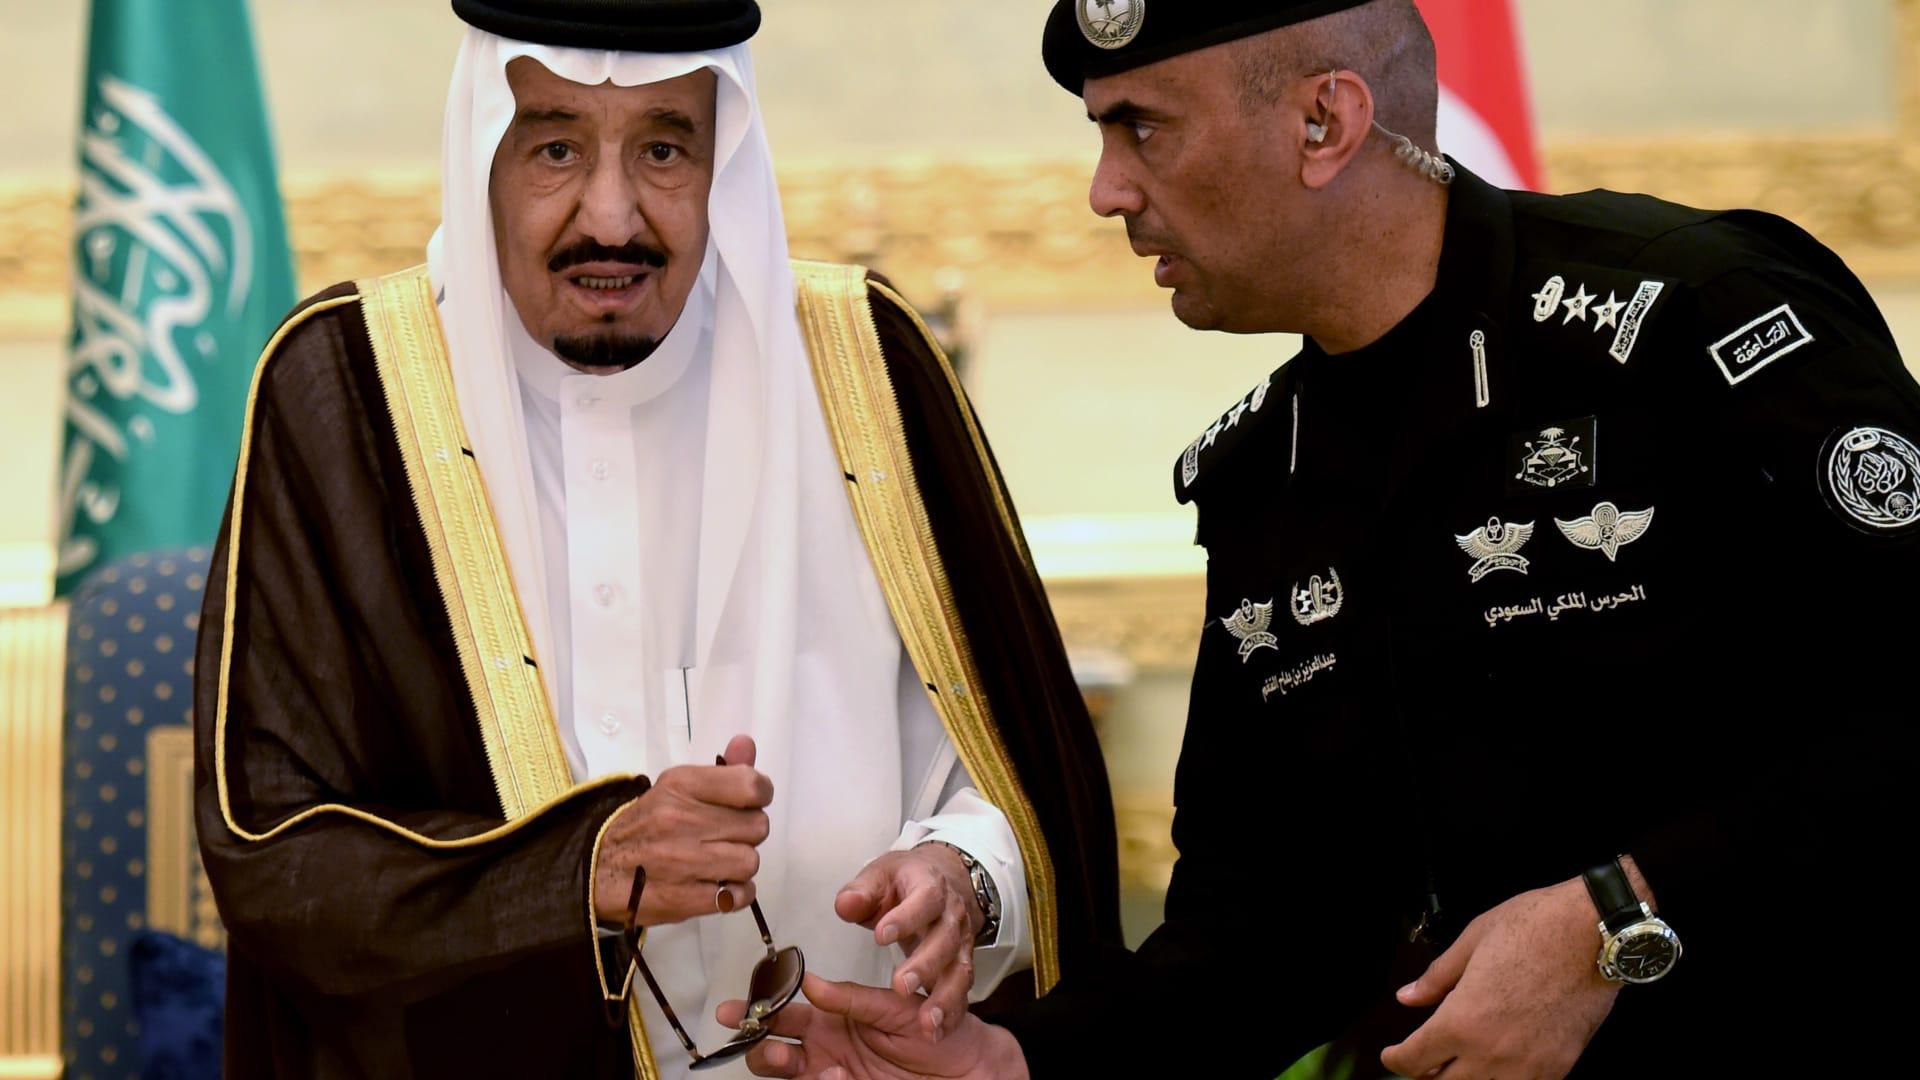 شاهد مراسم تشييع جثمان عبدالعزيز الفغم حارس الملك سلمان